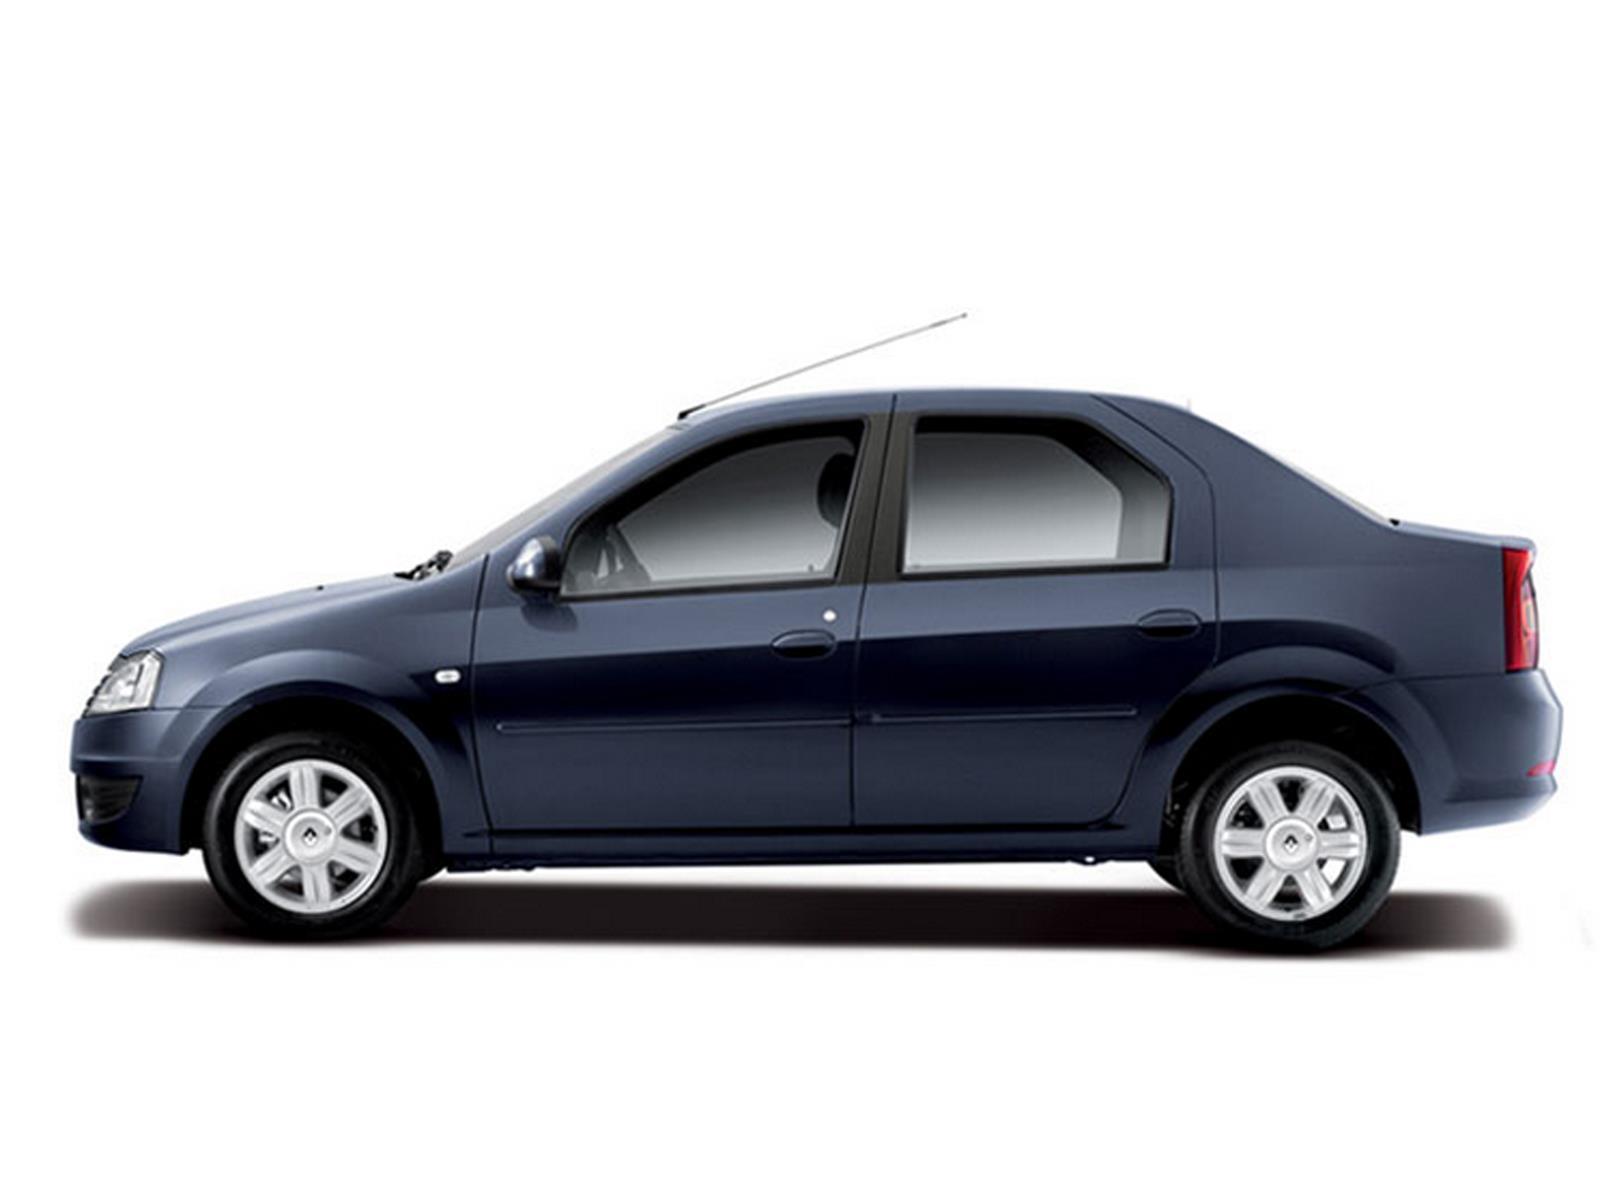 Concesionarios Carros Renault Nuevos Y Usados Colombia